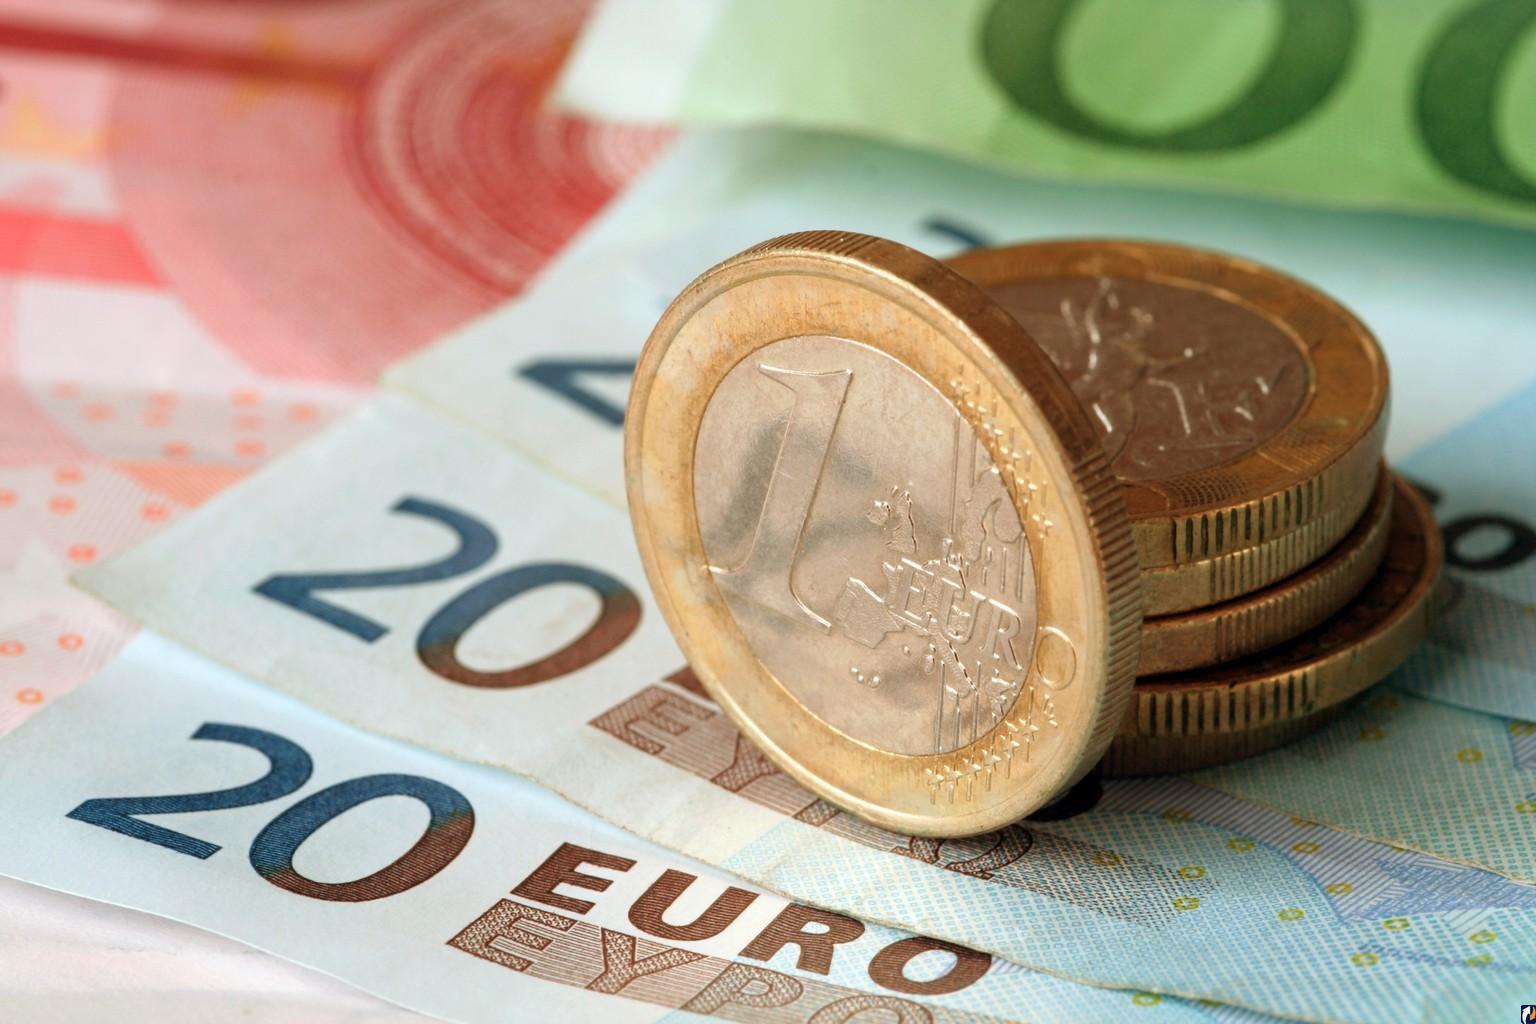 Гражданин Бельгии задень разбогател на17 млн. евро